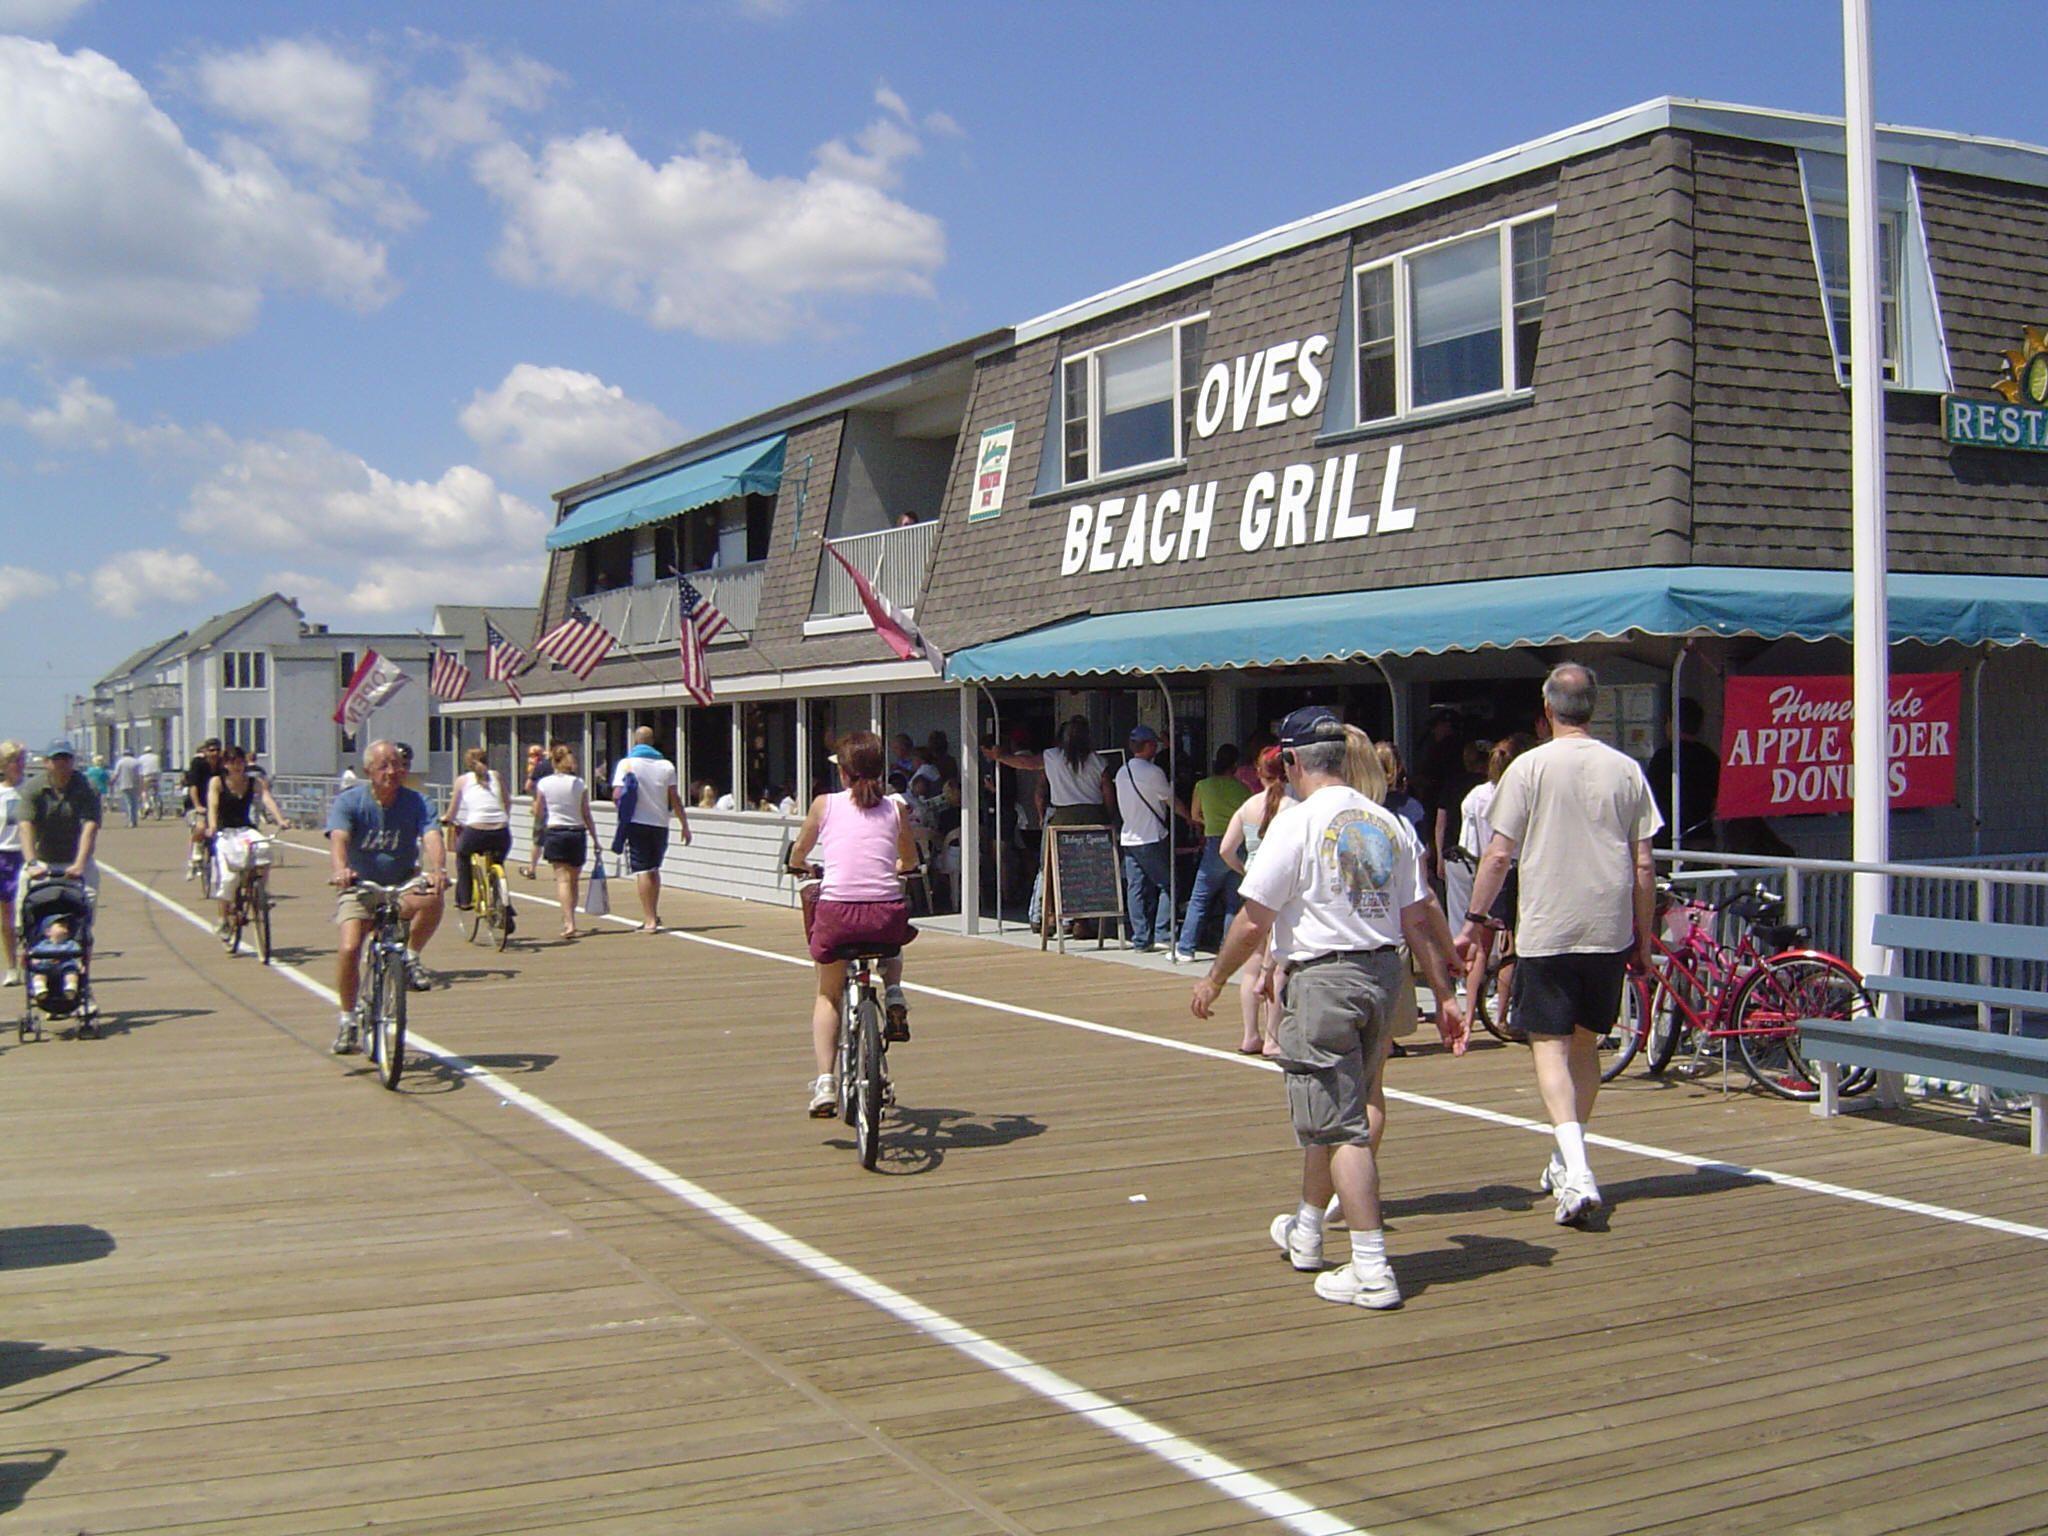 Ocean City Oves On The Boardwalk Stop In For Breakfast